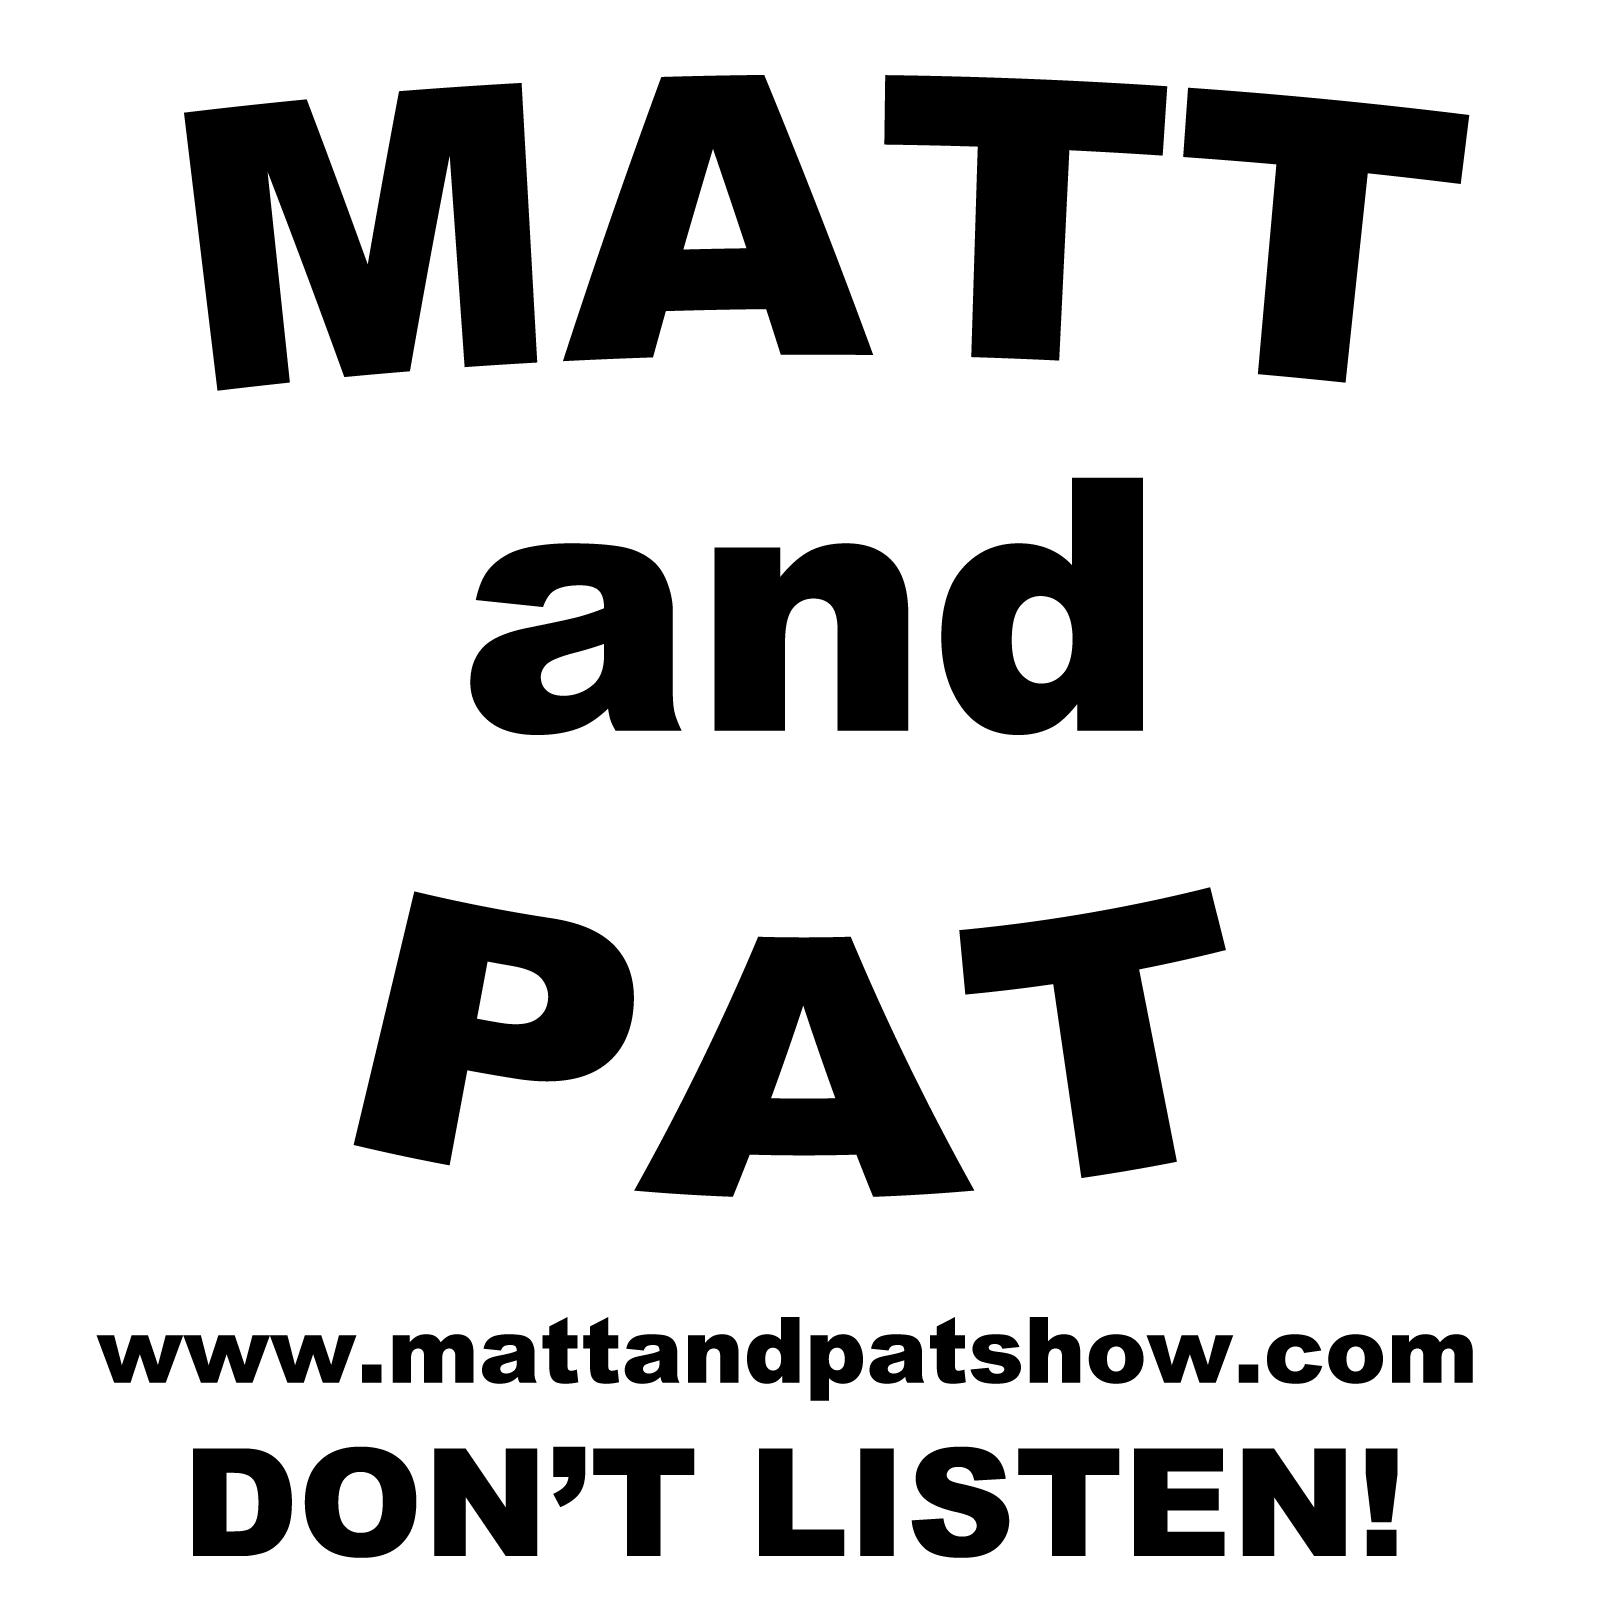 Matt & Pat Show